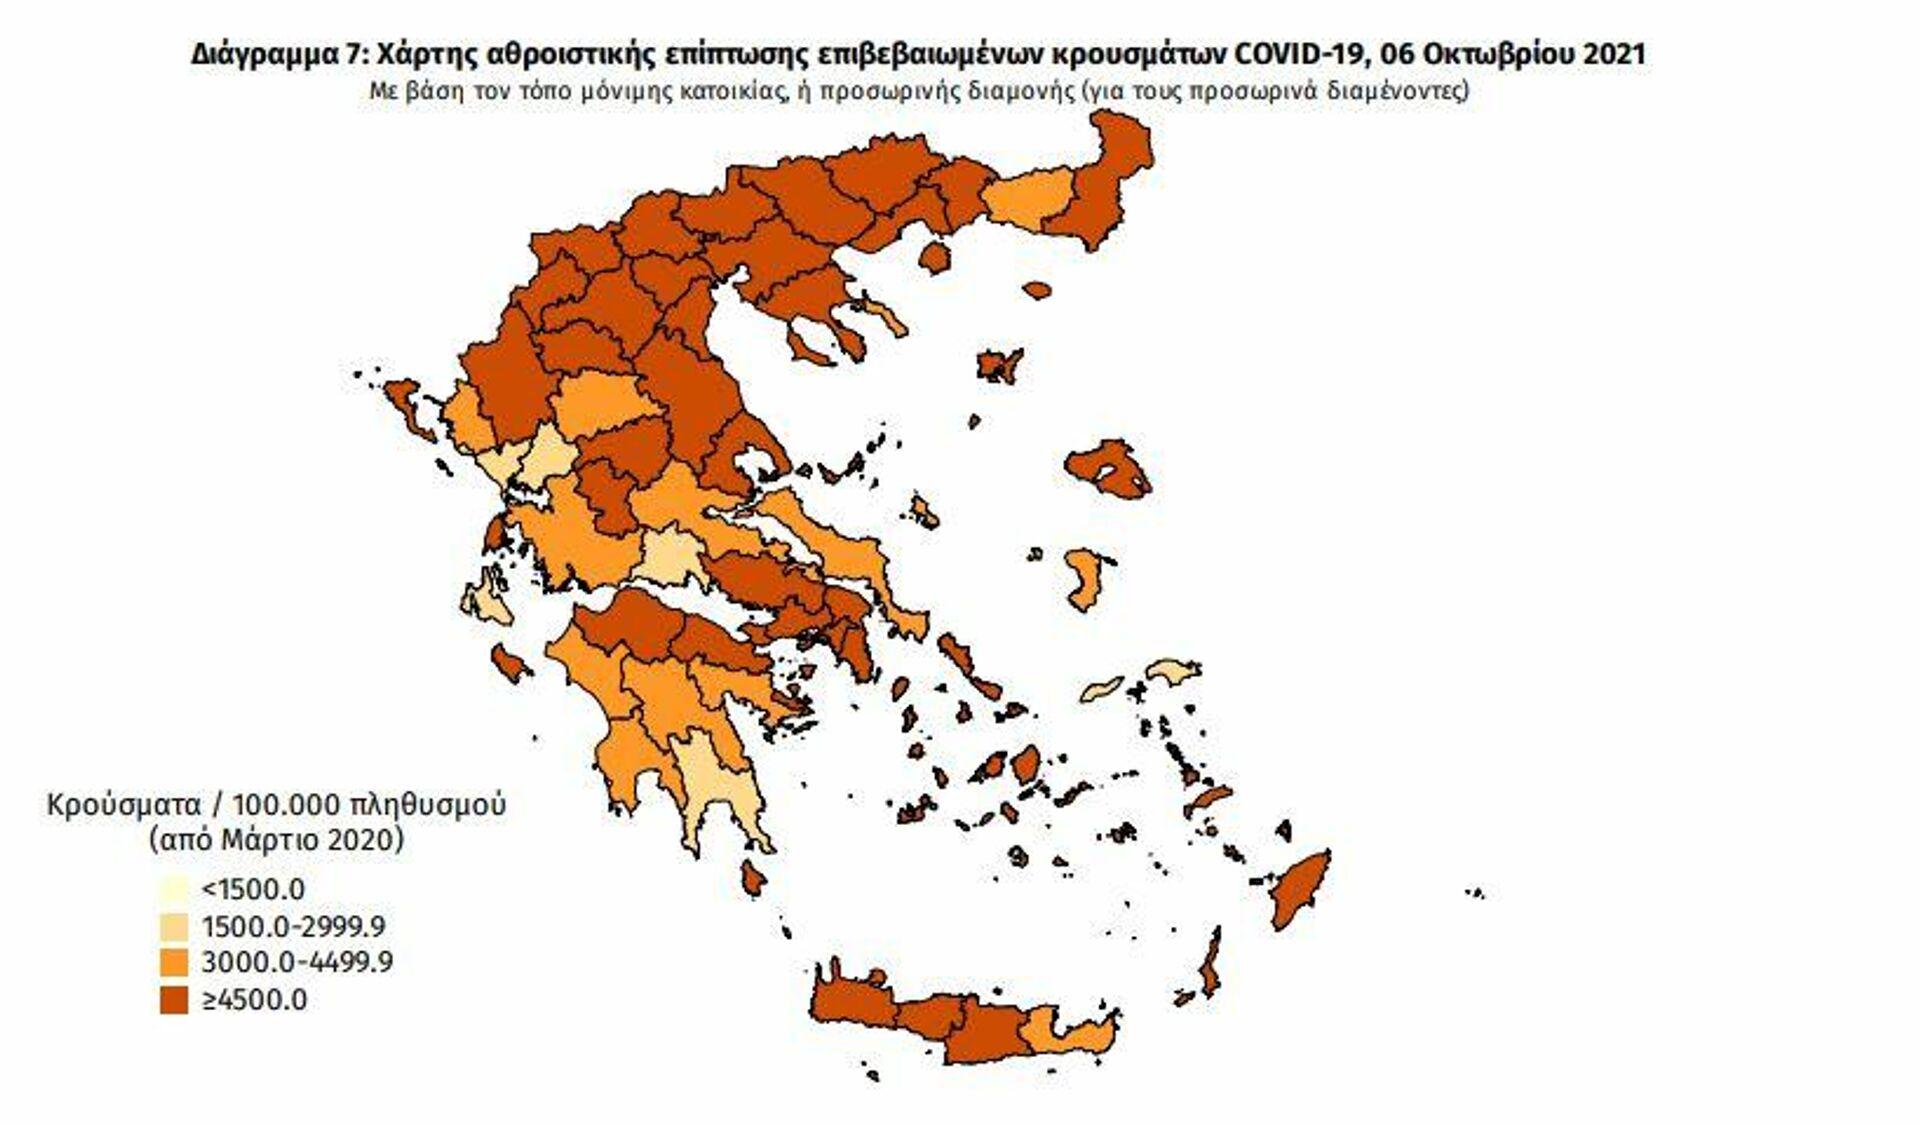 Χάρτης κρουσμάτων - Sputnik Ελλάδα, 1920, 06.10.2021